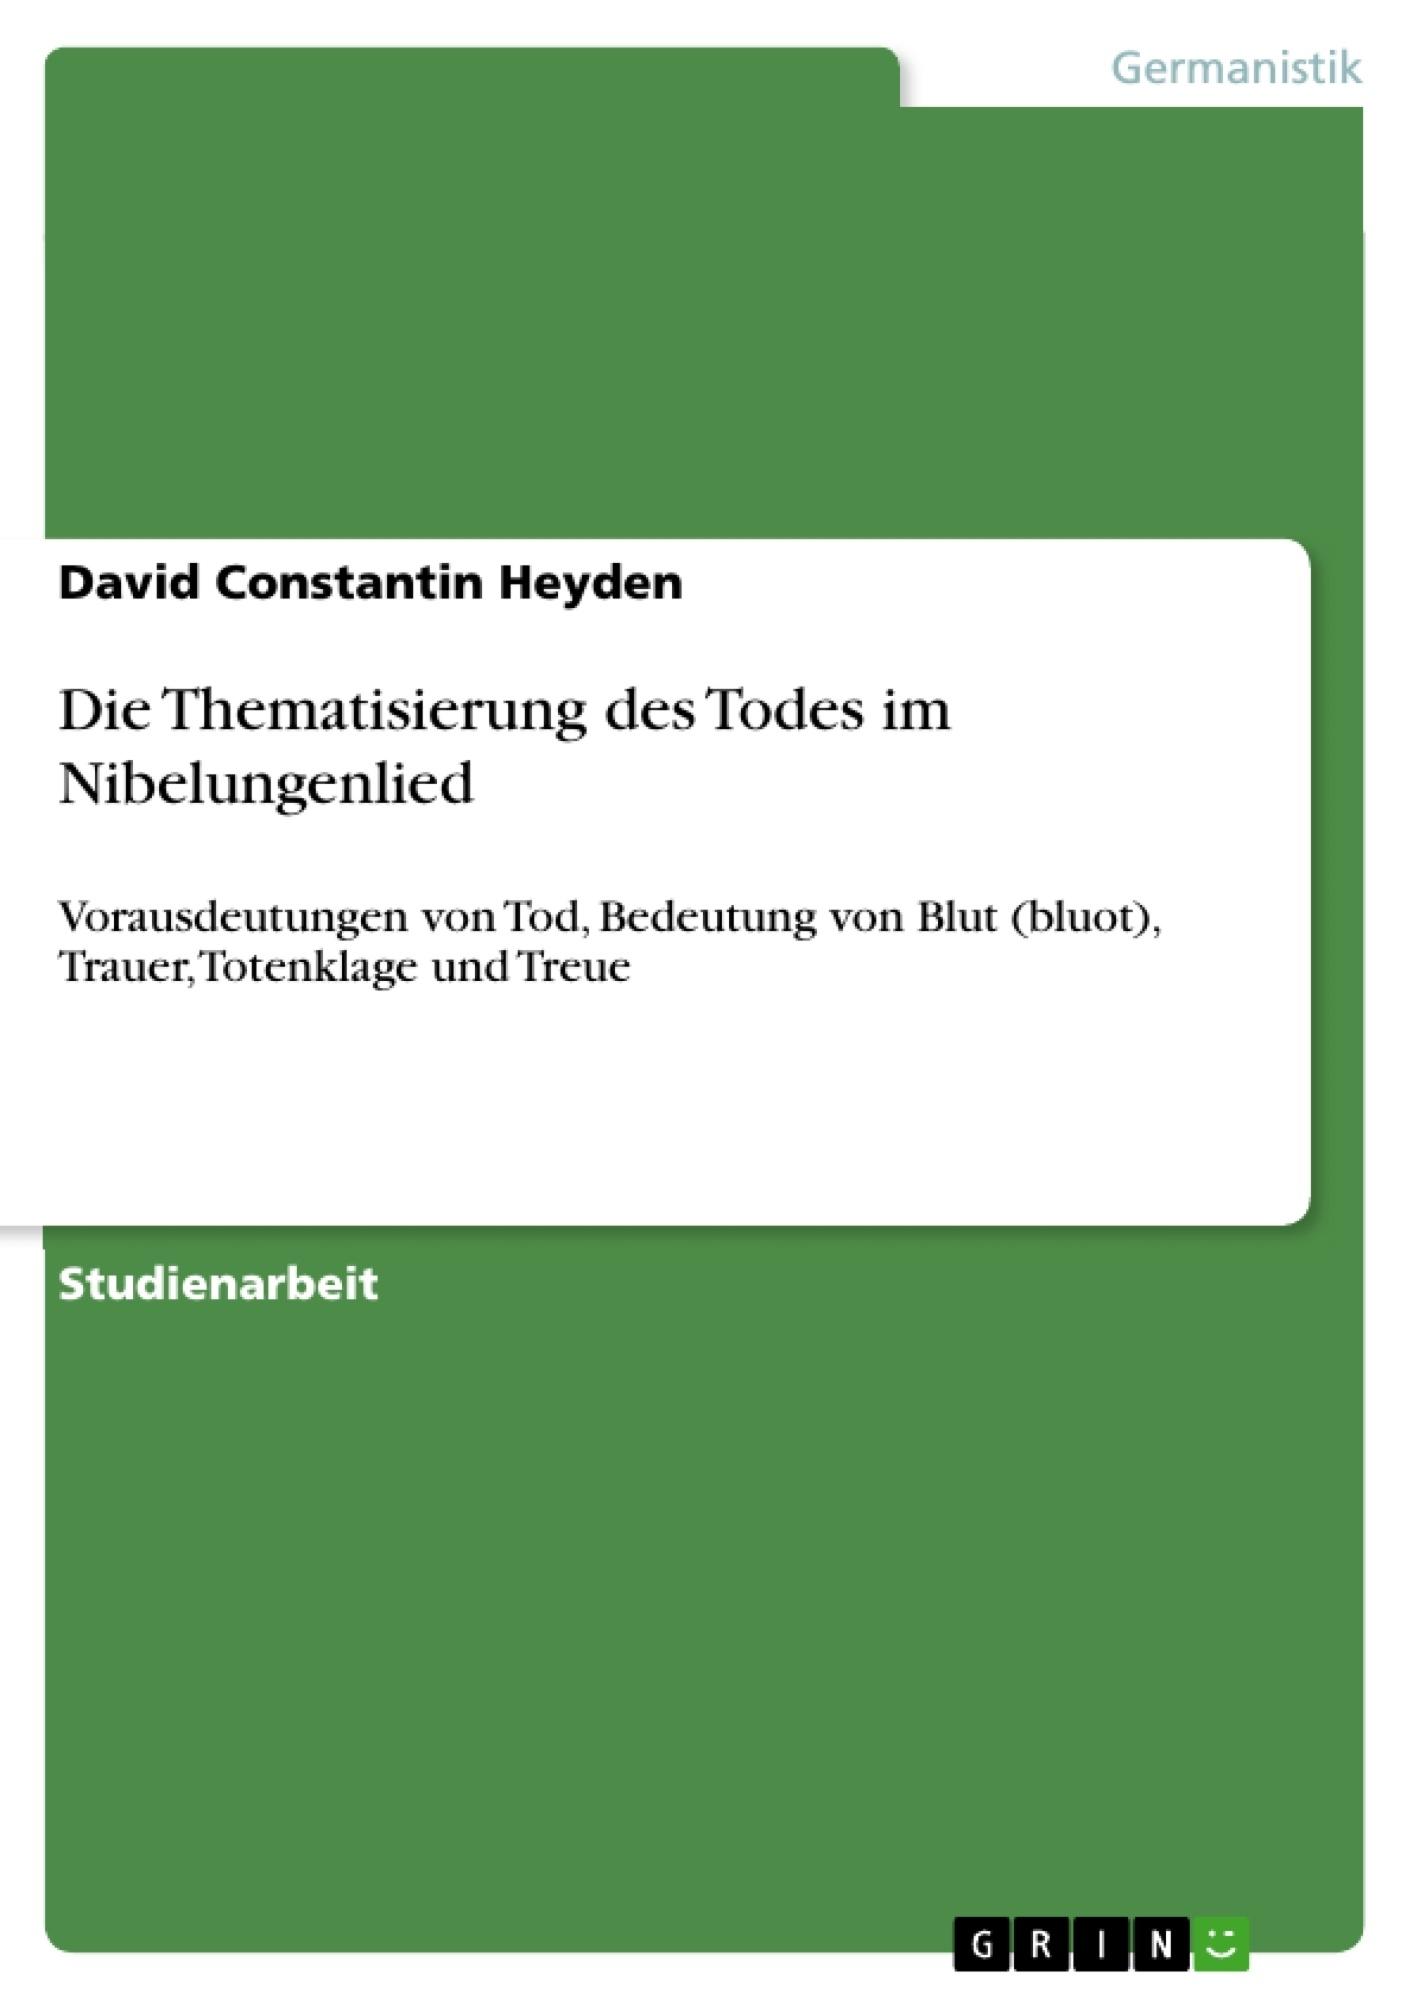 Titel: Die Thematisierung des Todes im Nibelungenlied